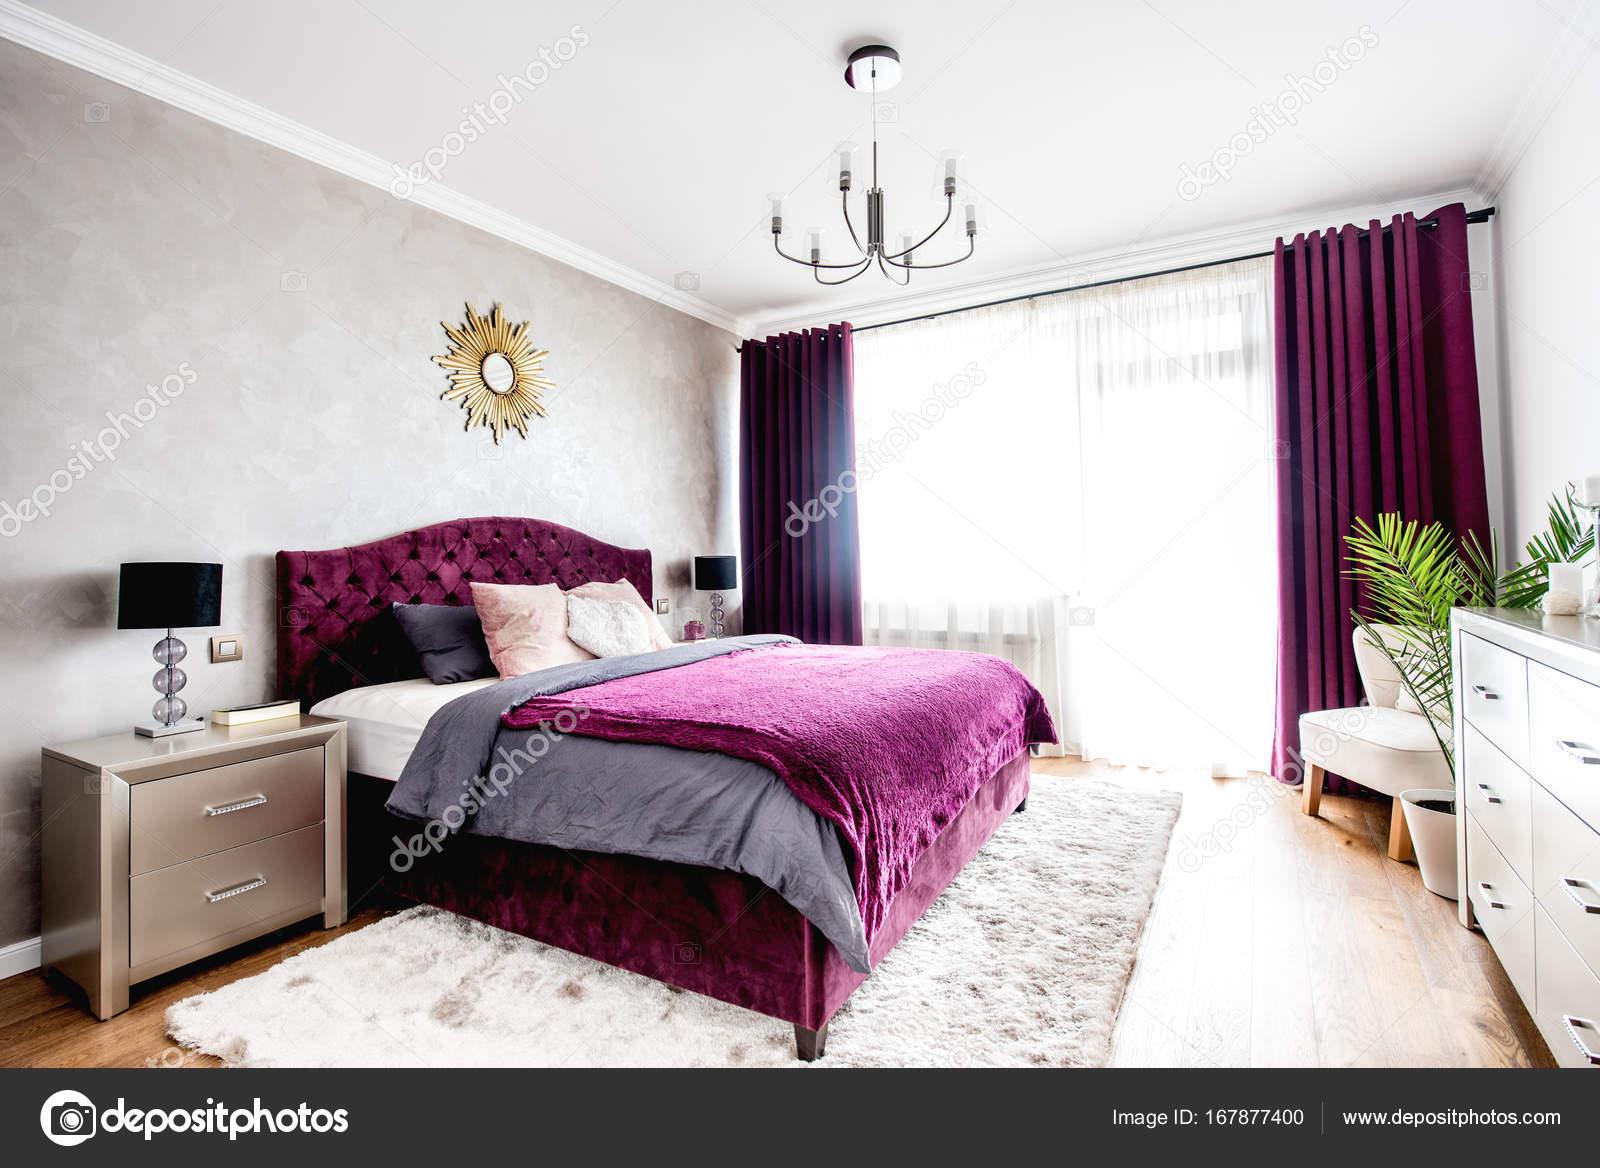 Camere Da Letto Viola : Interno semplice ed elegante camera da letto con letto matrimoniale